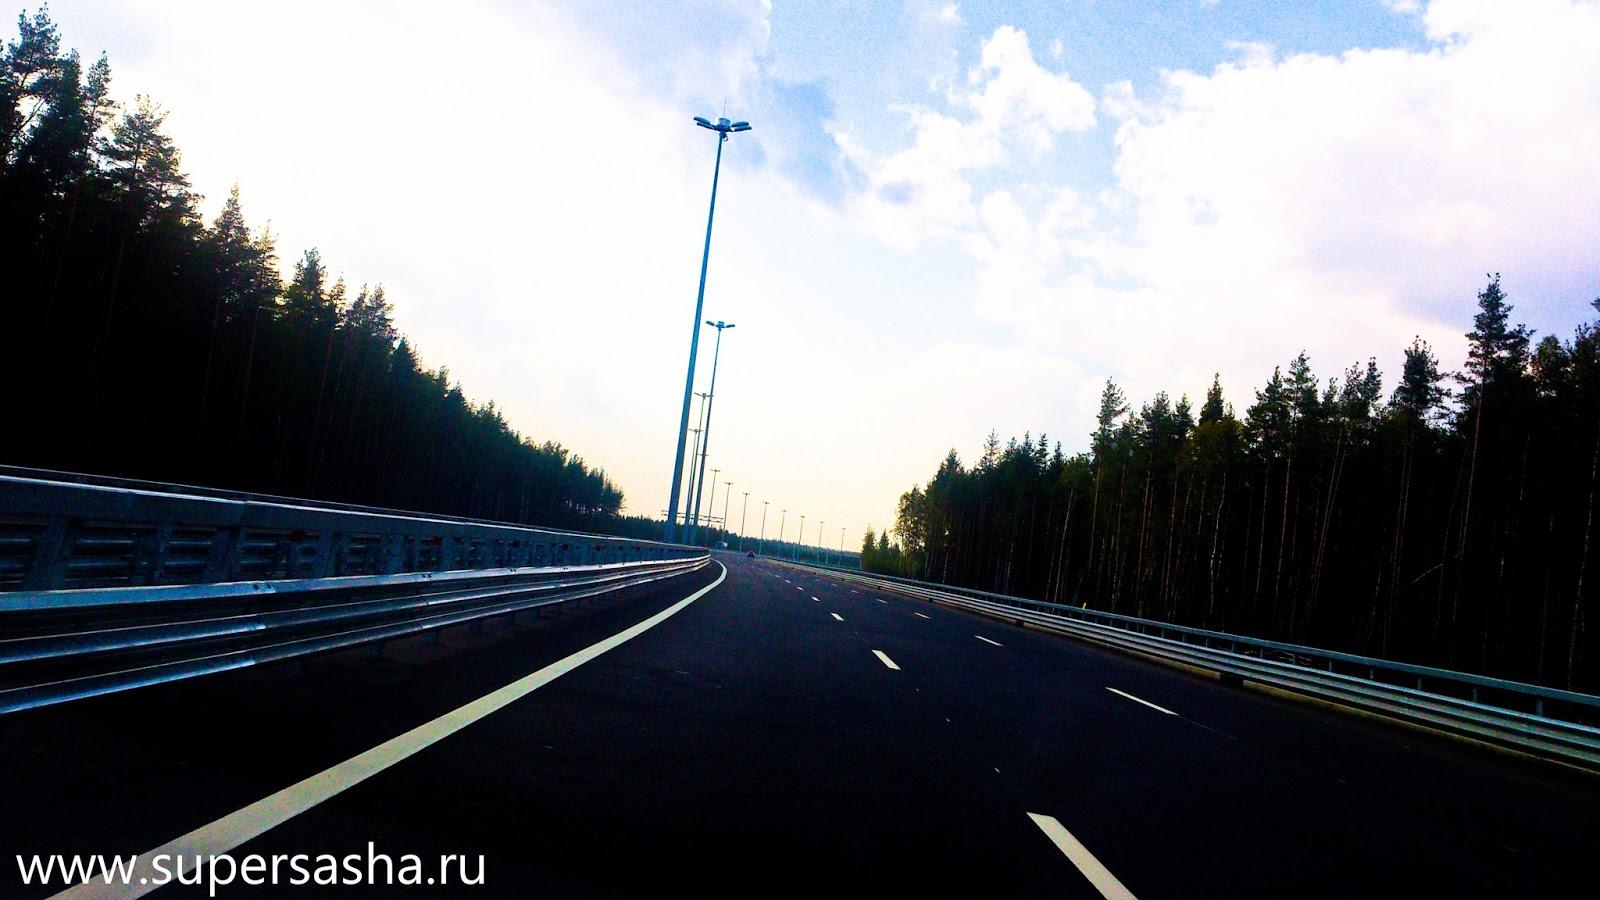 схема проезда по развязке выборгского шоссе и кад